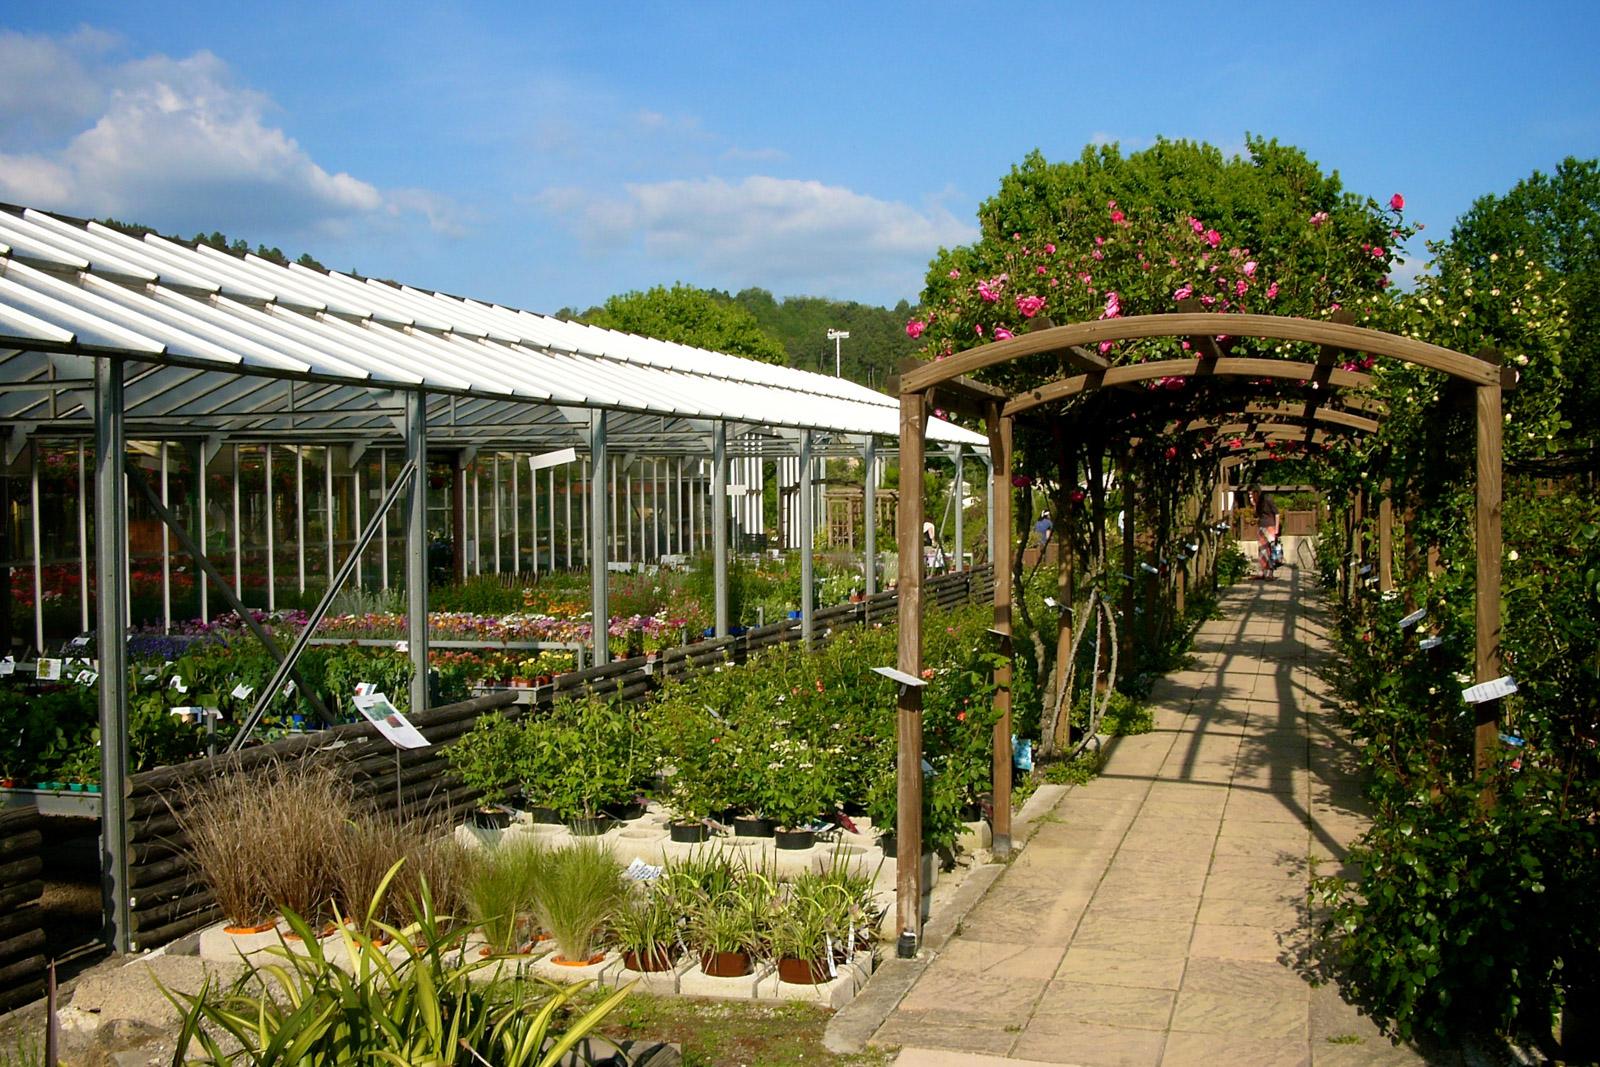 Petits jardins à côté des serres